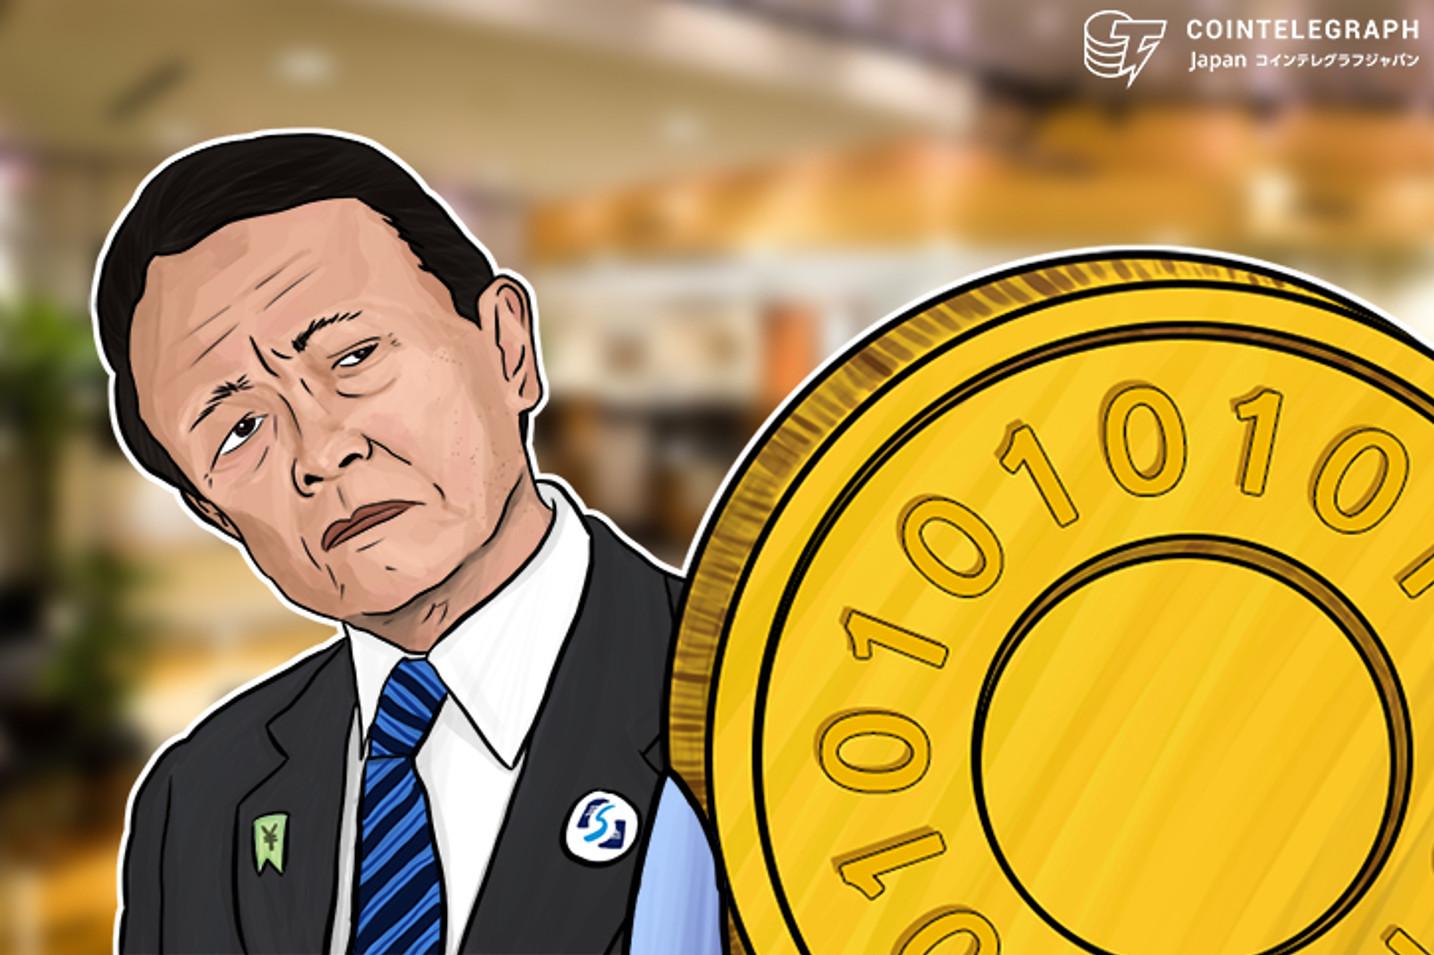 金融庁、仮想通貨規制のパブコメへの回答公開 | 証拠金取引の上限2倍の理由は?